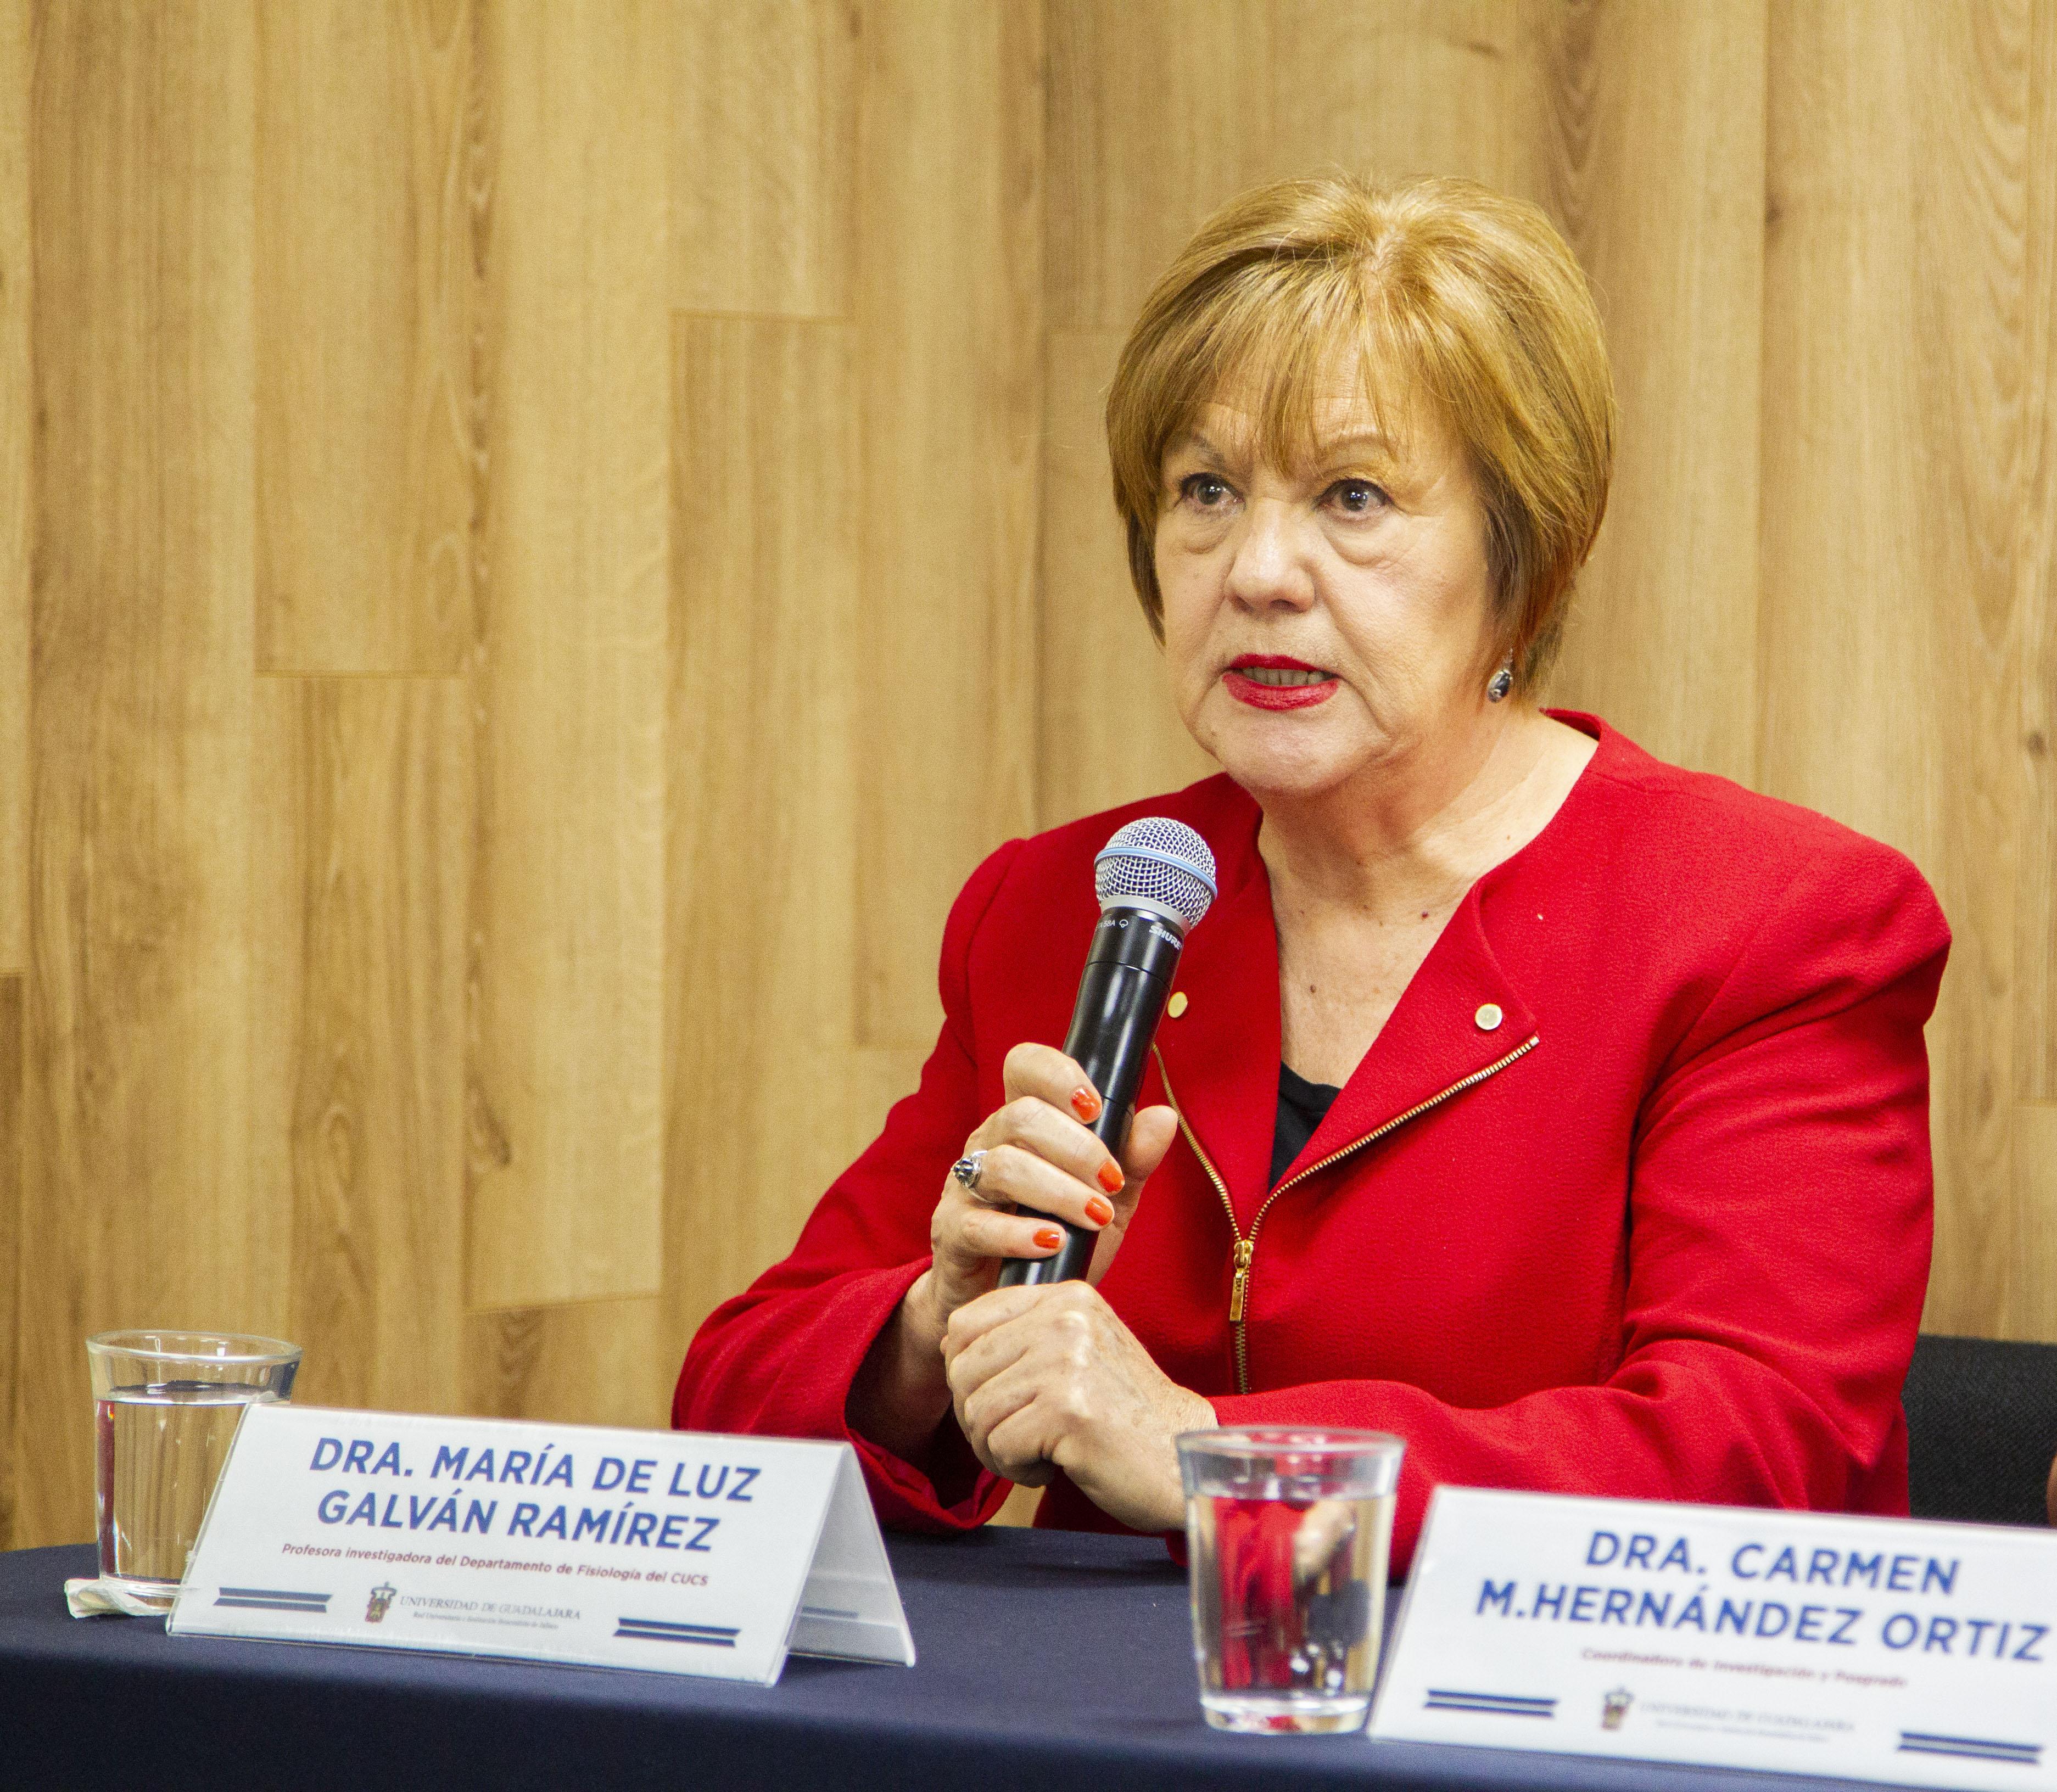 Dra. Ma. Luisa Galván al microfono en la Rueda de Prensa